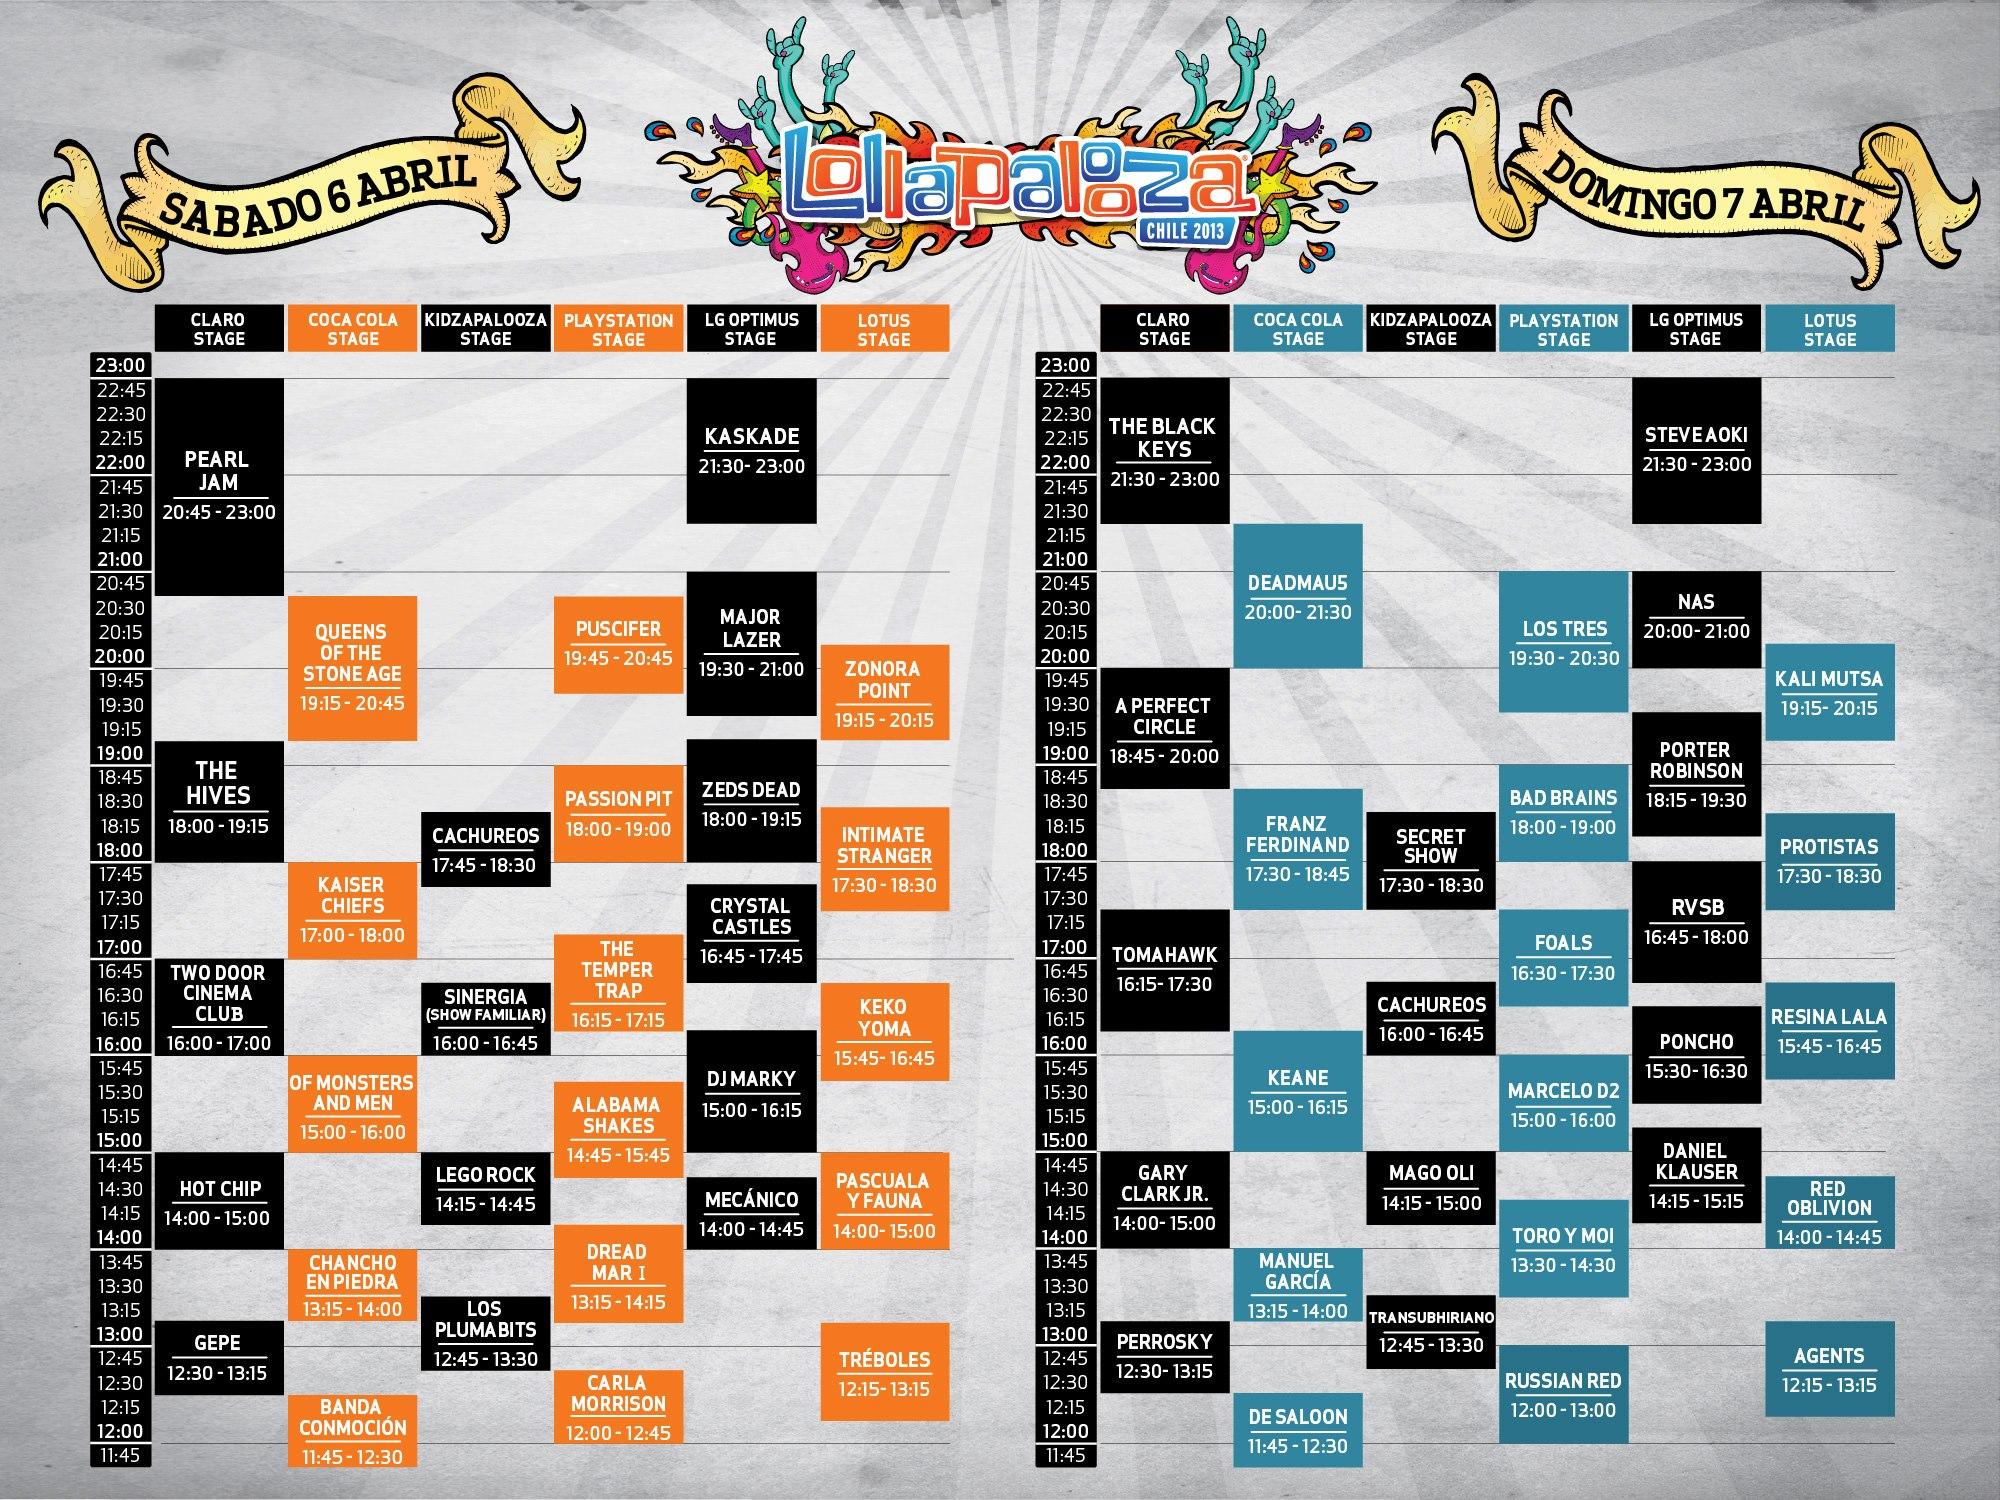 Horários do Lollapalooza Chile 2013